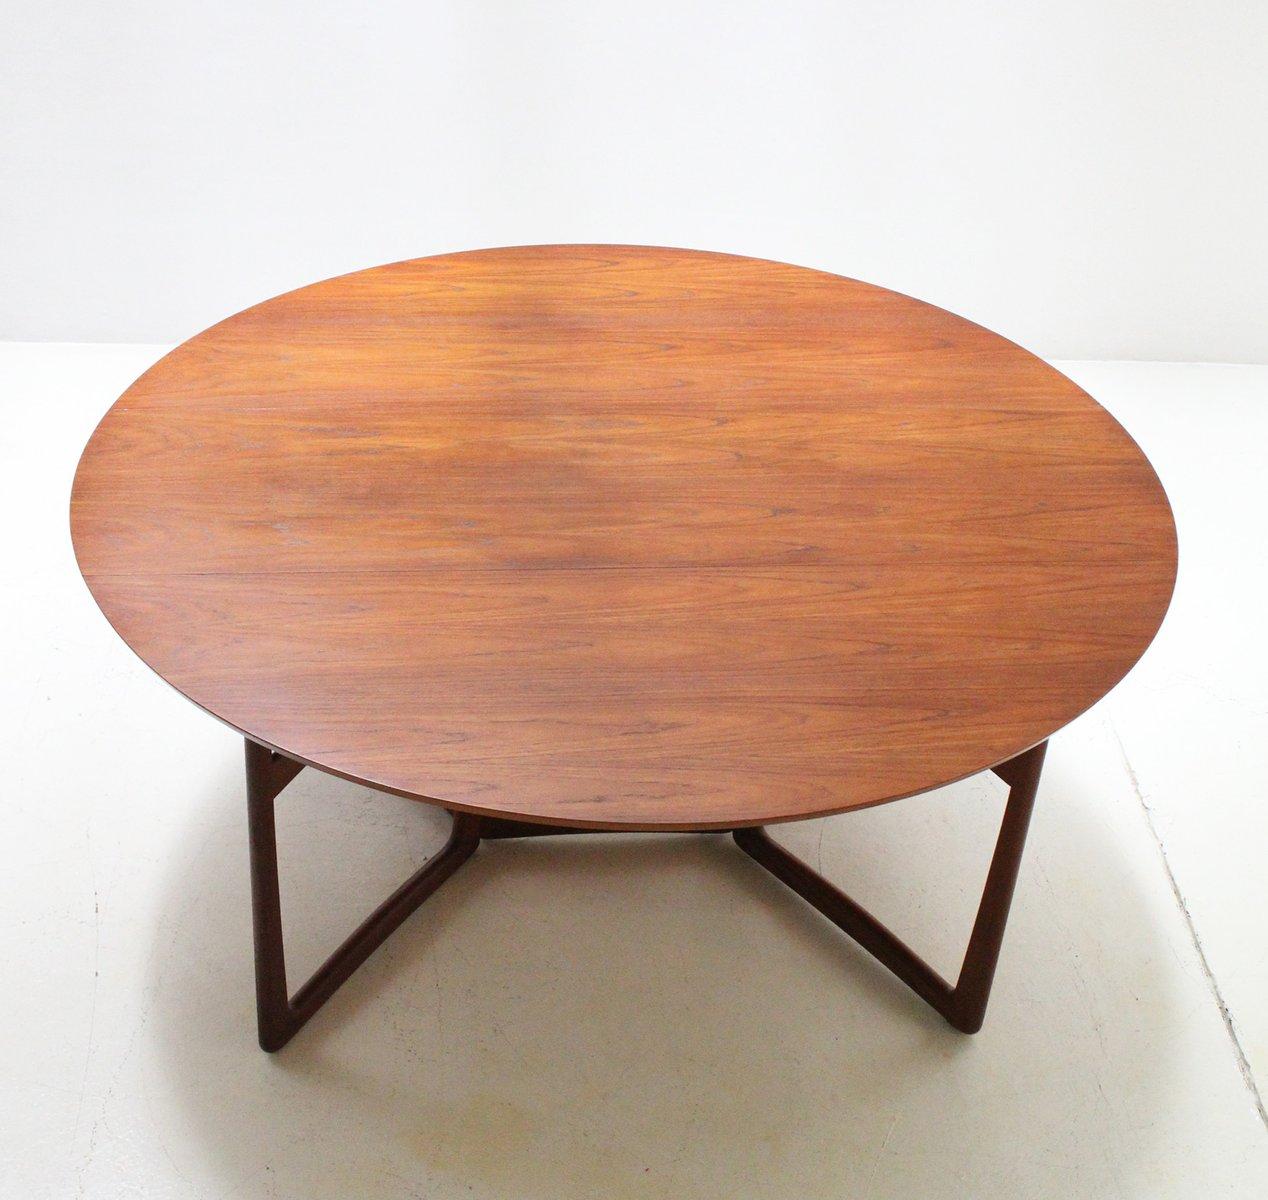 Mesa de comedor abatible de hvidt m lgaard para france daverkosen a os 60 en venta en pamono - Mesa comedor abatible ...